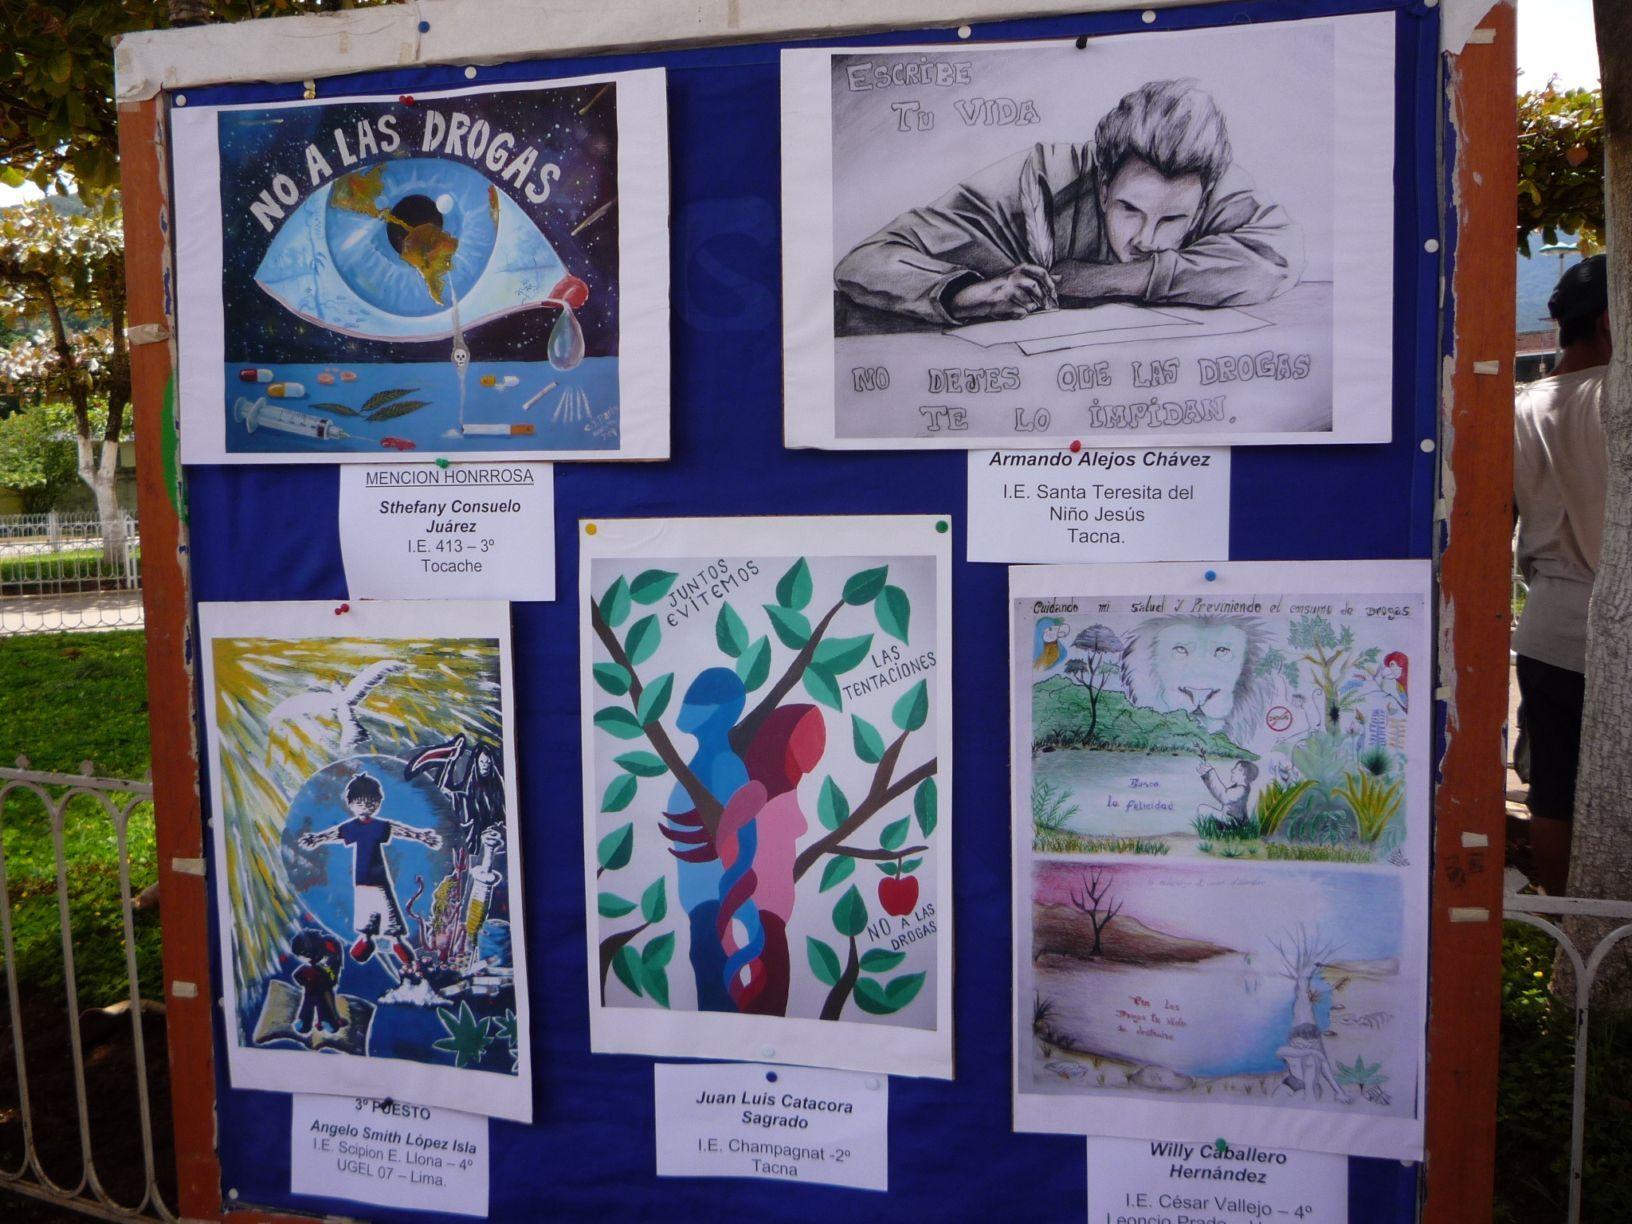 Empleos de concurso de arte adolescente